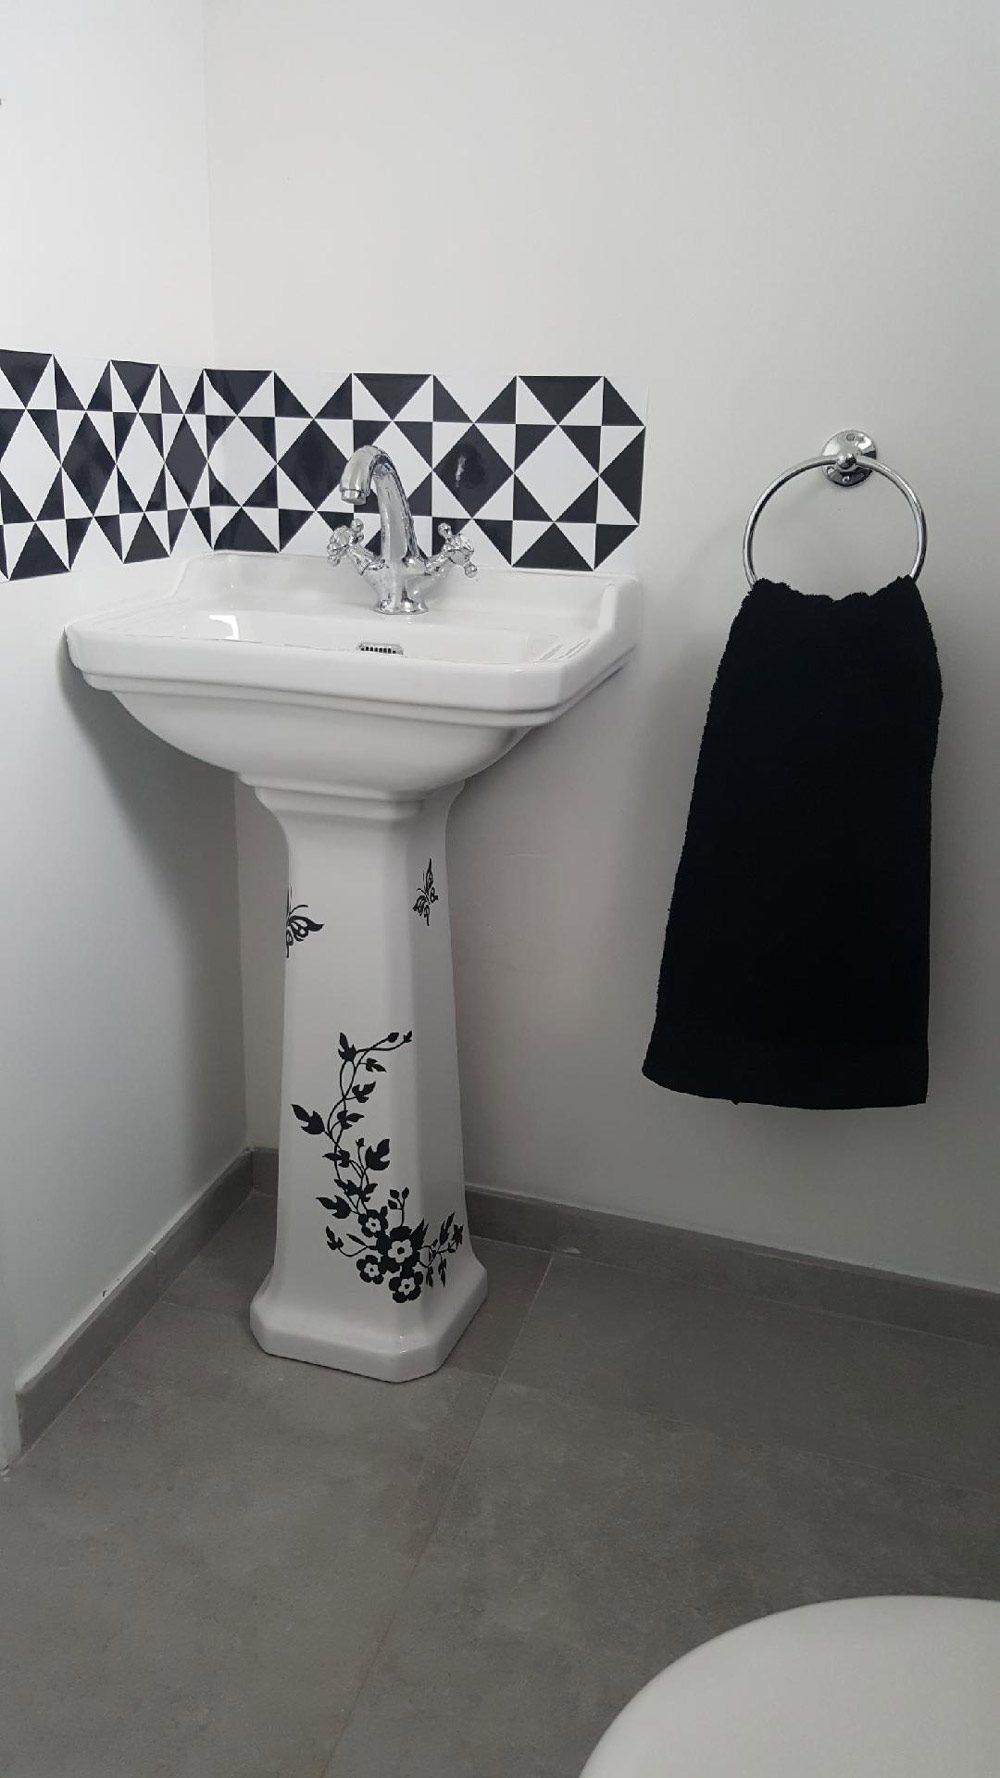 Lavabo sanitaire - Découvrez notre savoir faire en salle de bain !